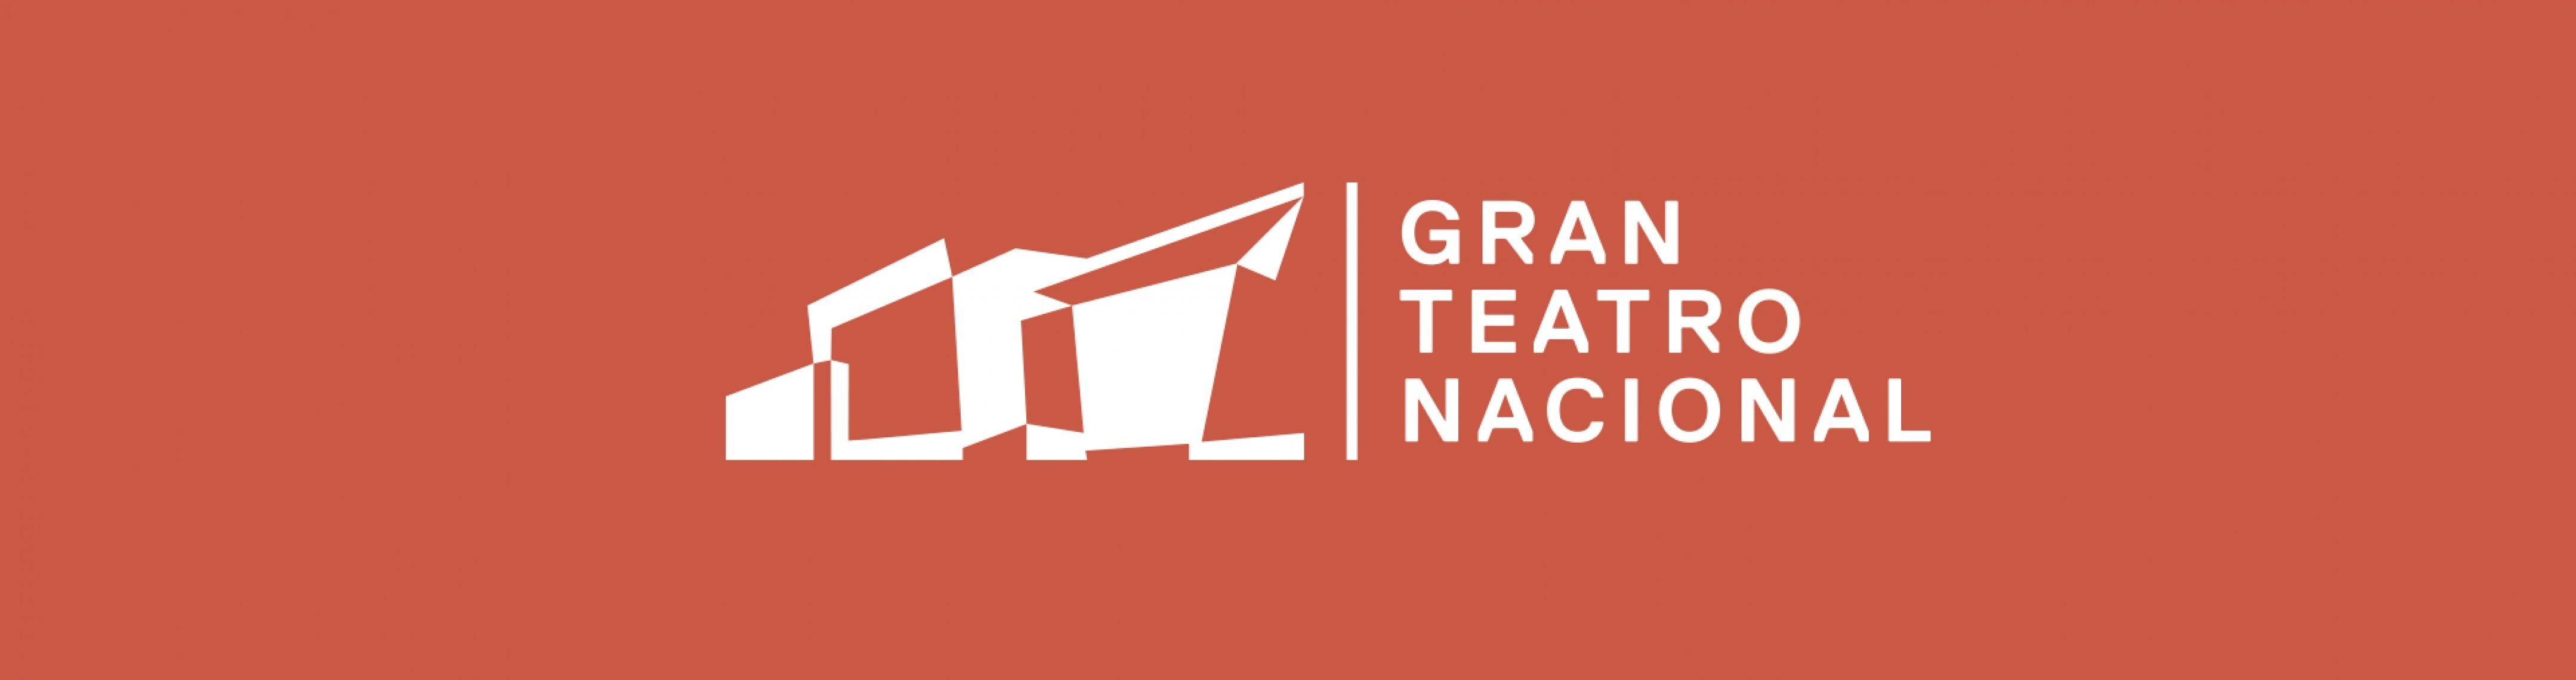 Gran Teatro Nacional - Joinnus - Banner